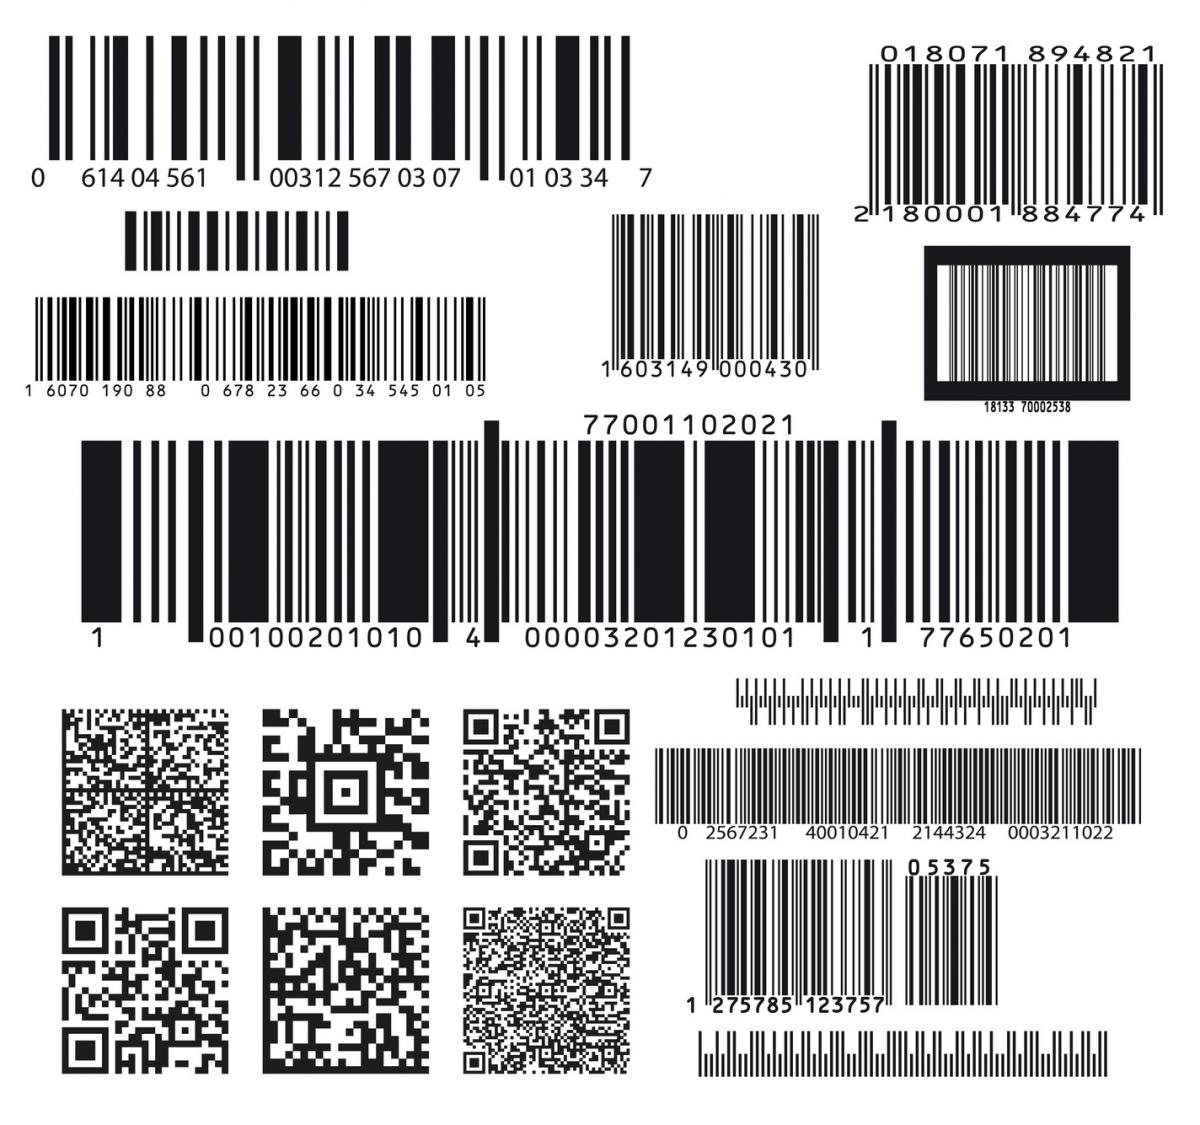 Les codes-barres